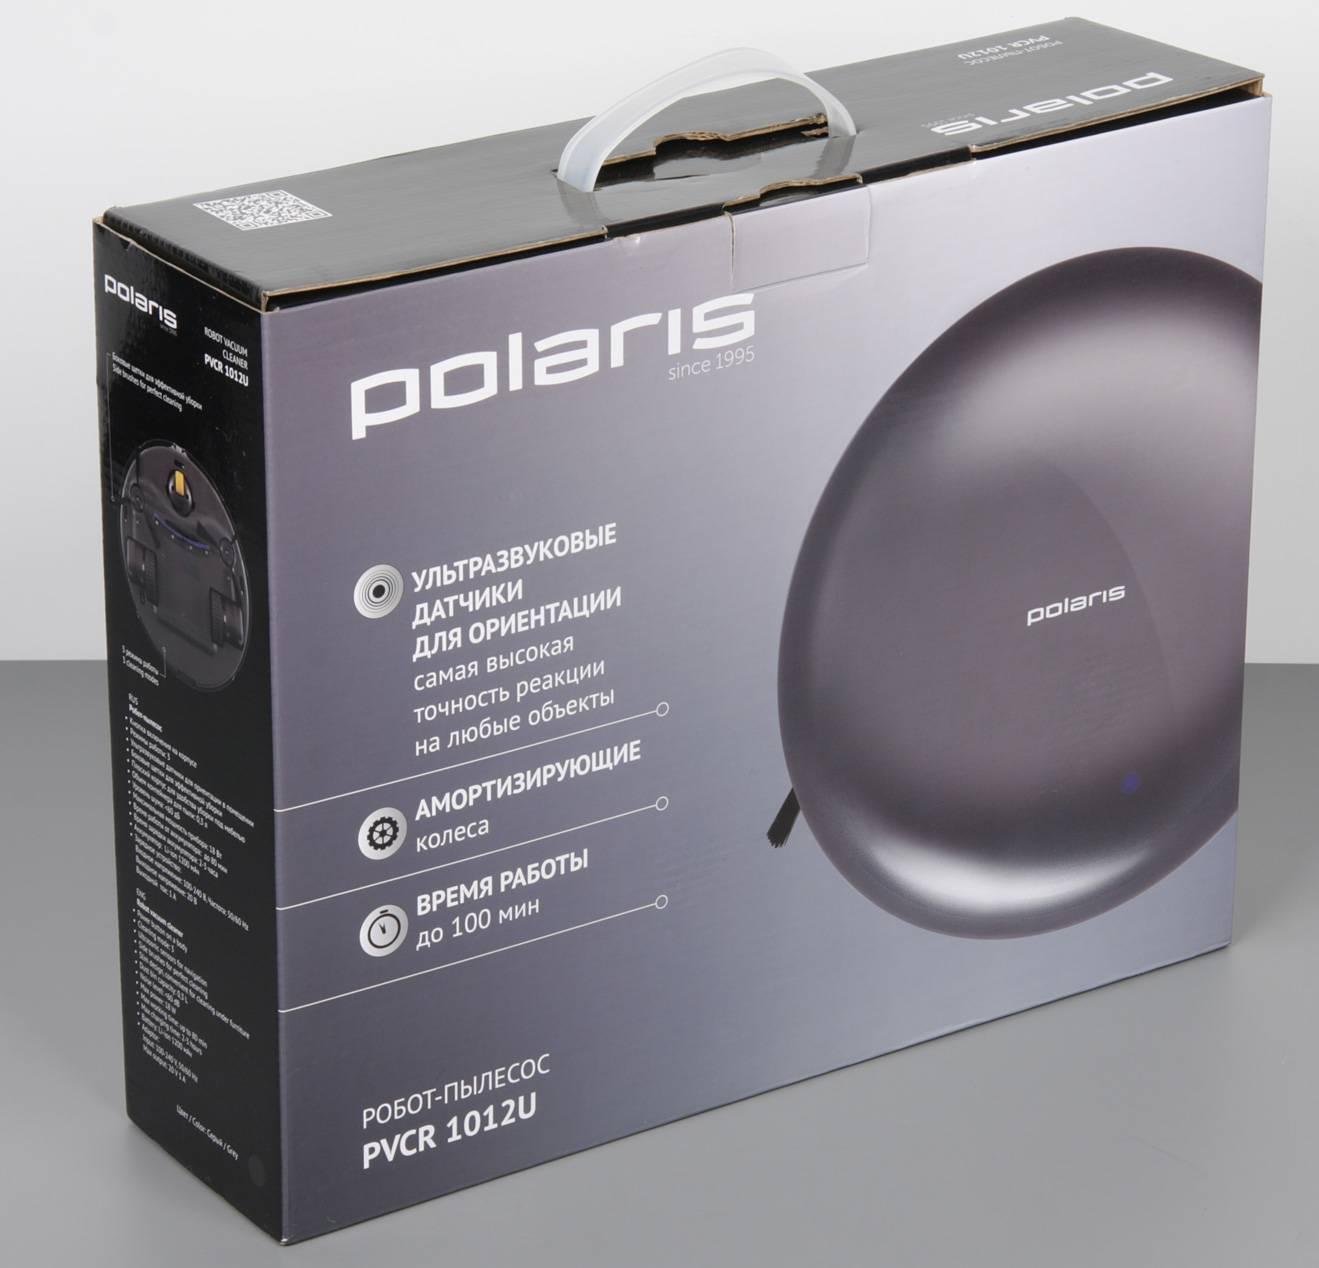 Робот-пылесос polaris pvcr 0726w - недорогой, но хороший робот-пылесос.